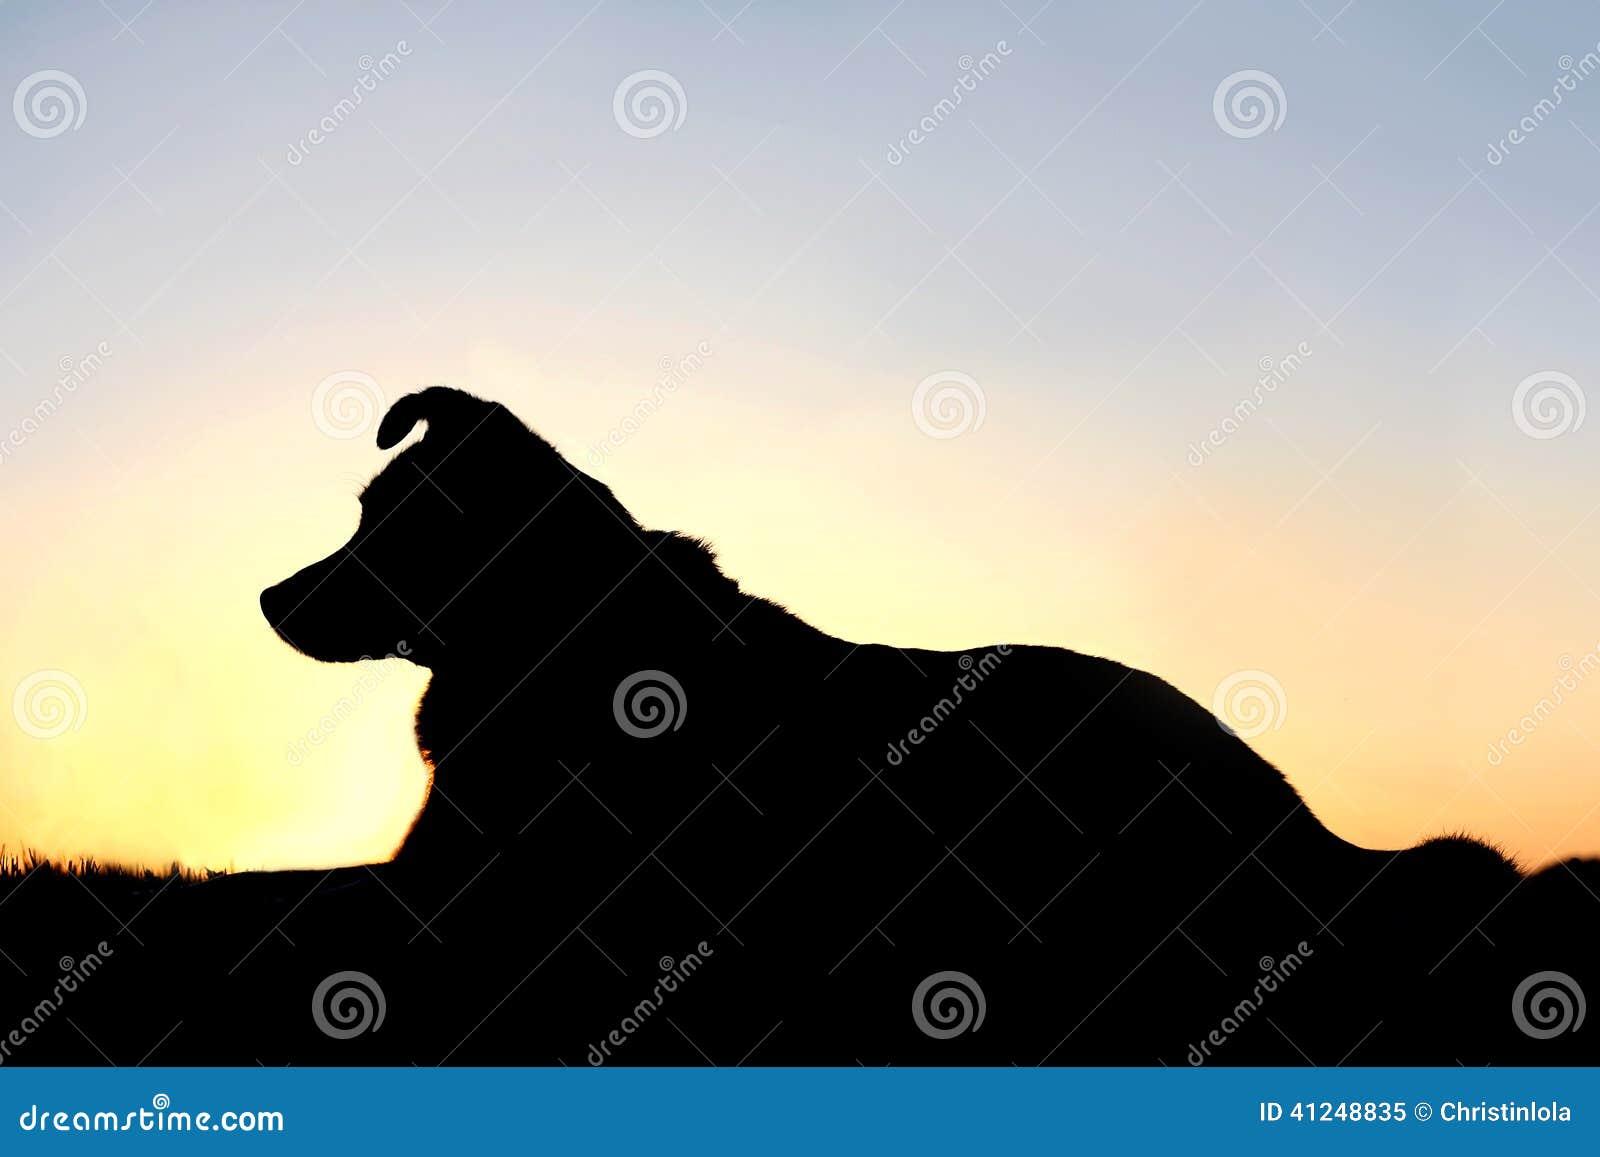 Sky Dog Breed